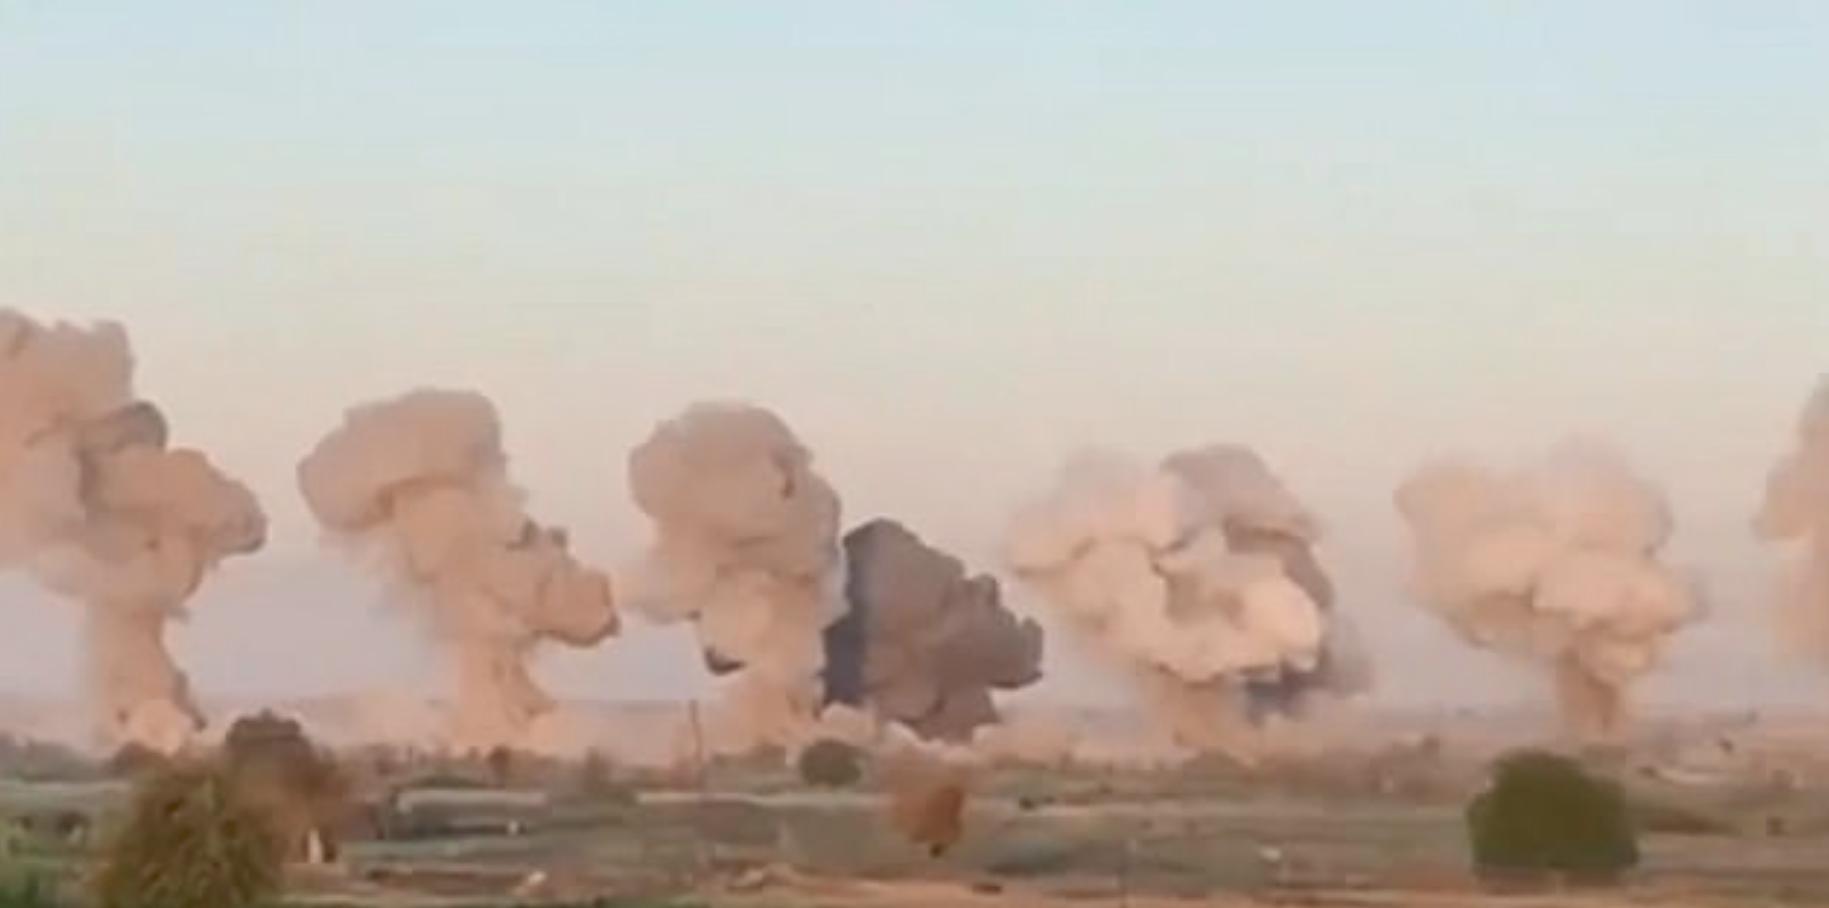 Μανιτάρια καπνού και σκόνης υψώθηκαν στον ουρανό μετά το βομβαρδισμό της σφηκοφωλιάς του ISIS.